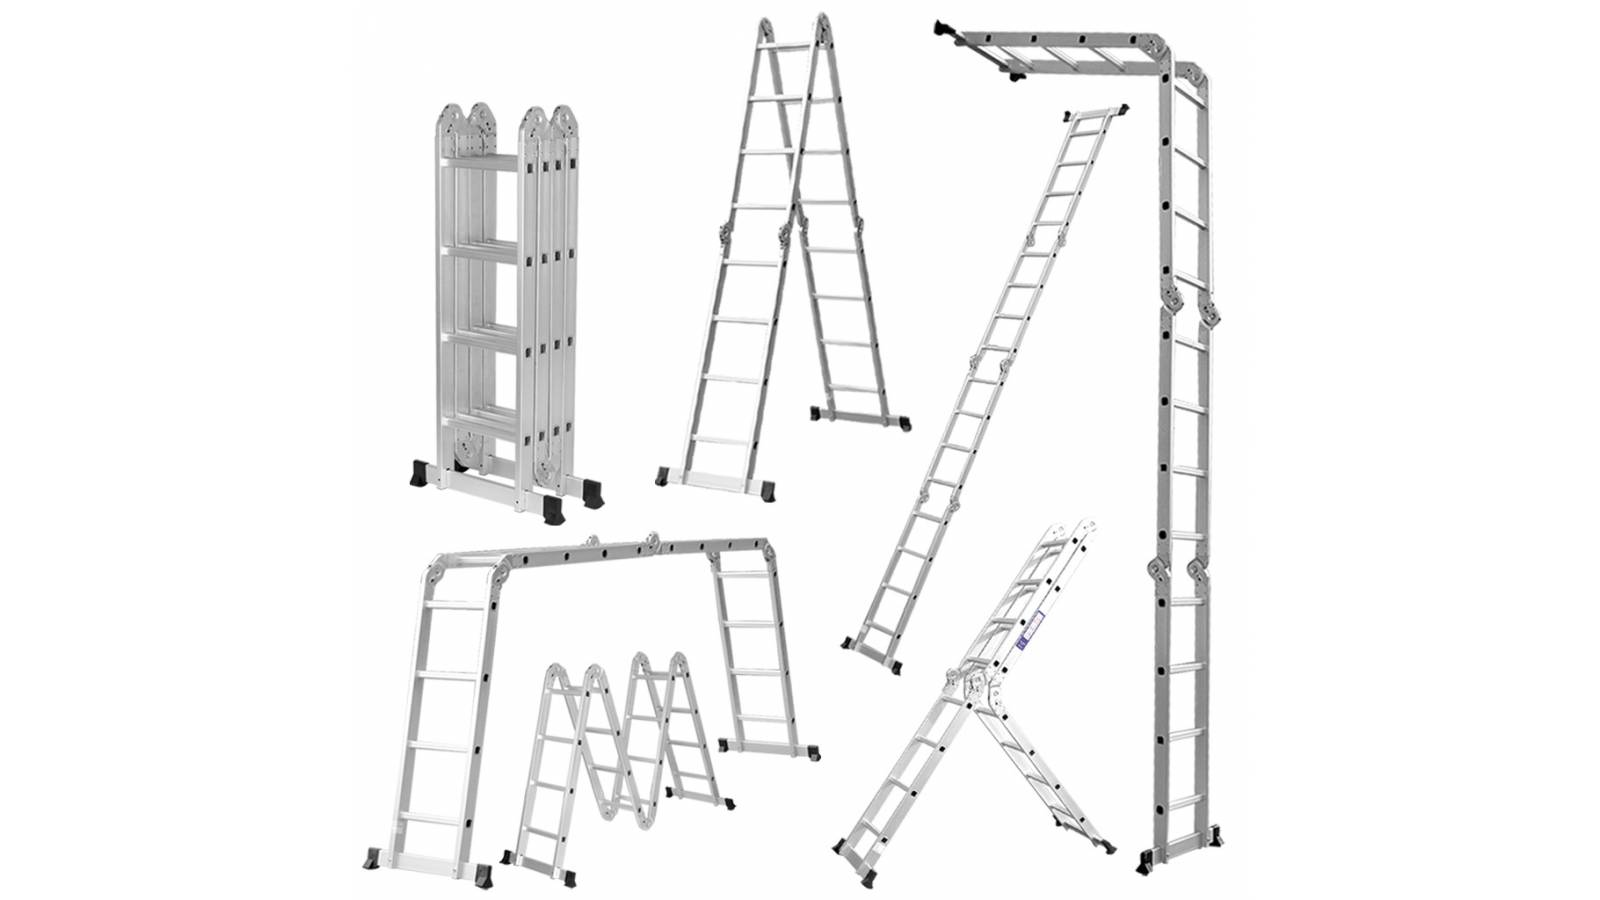 Escalera 4,60 m Multifuncion Combinada en aluminio - 16 Escalones